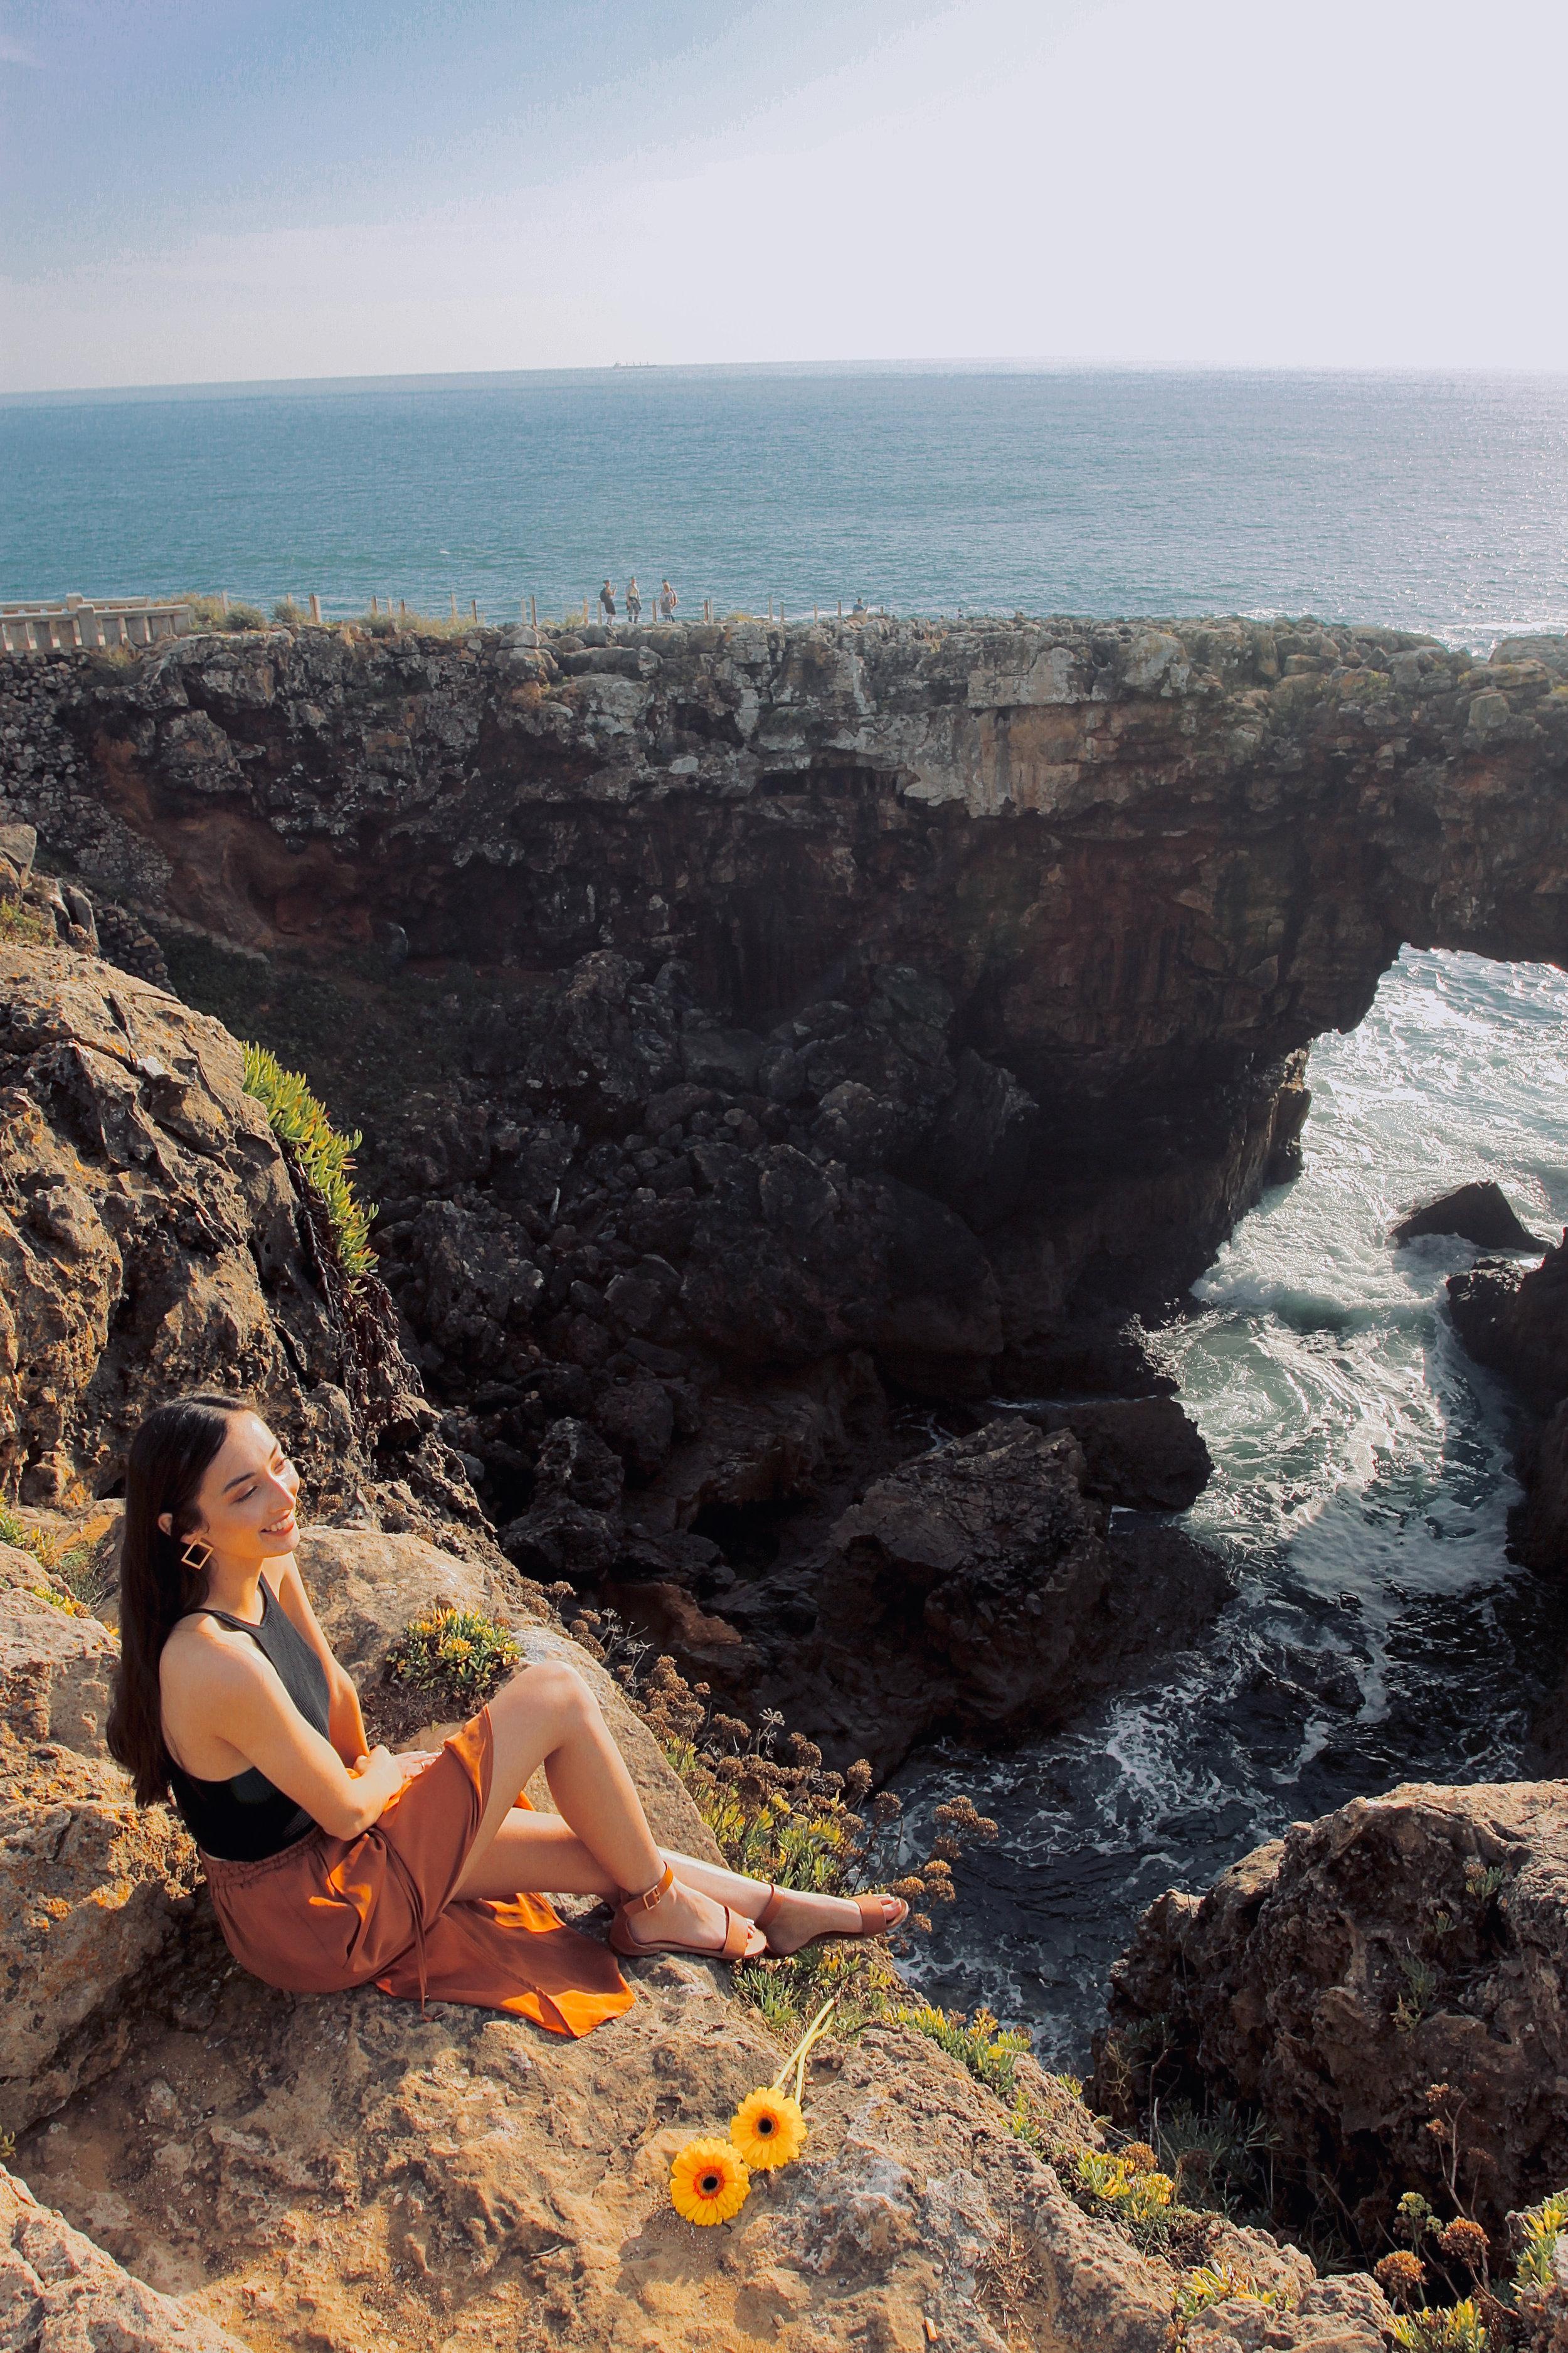 View over Boca do Inferno